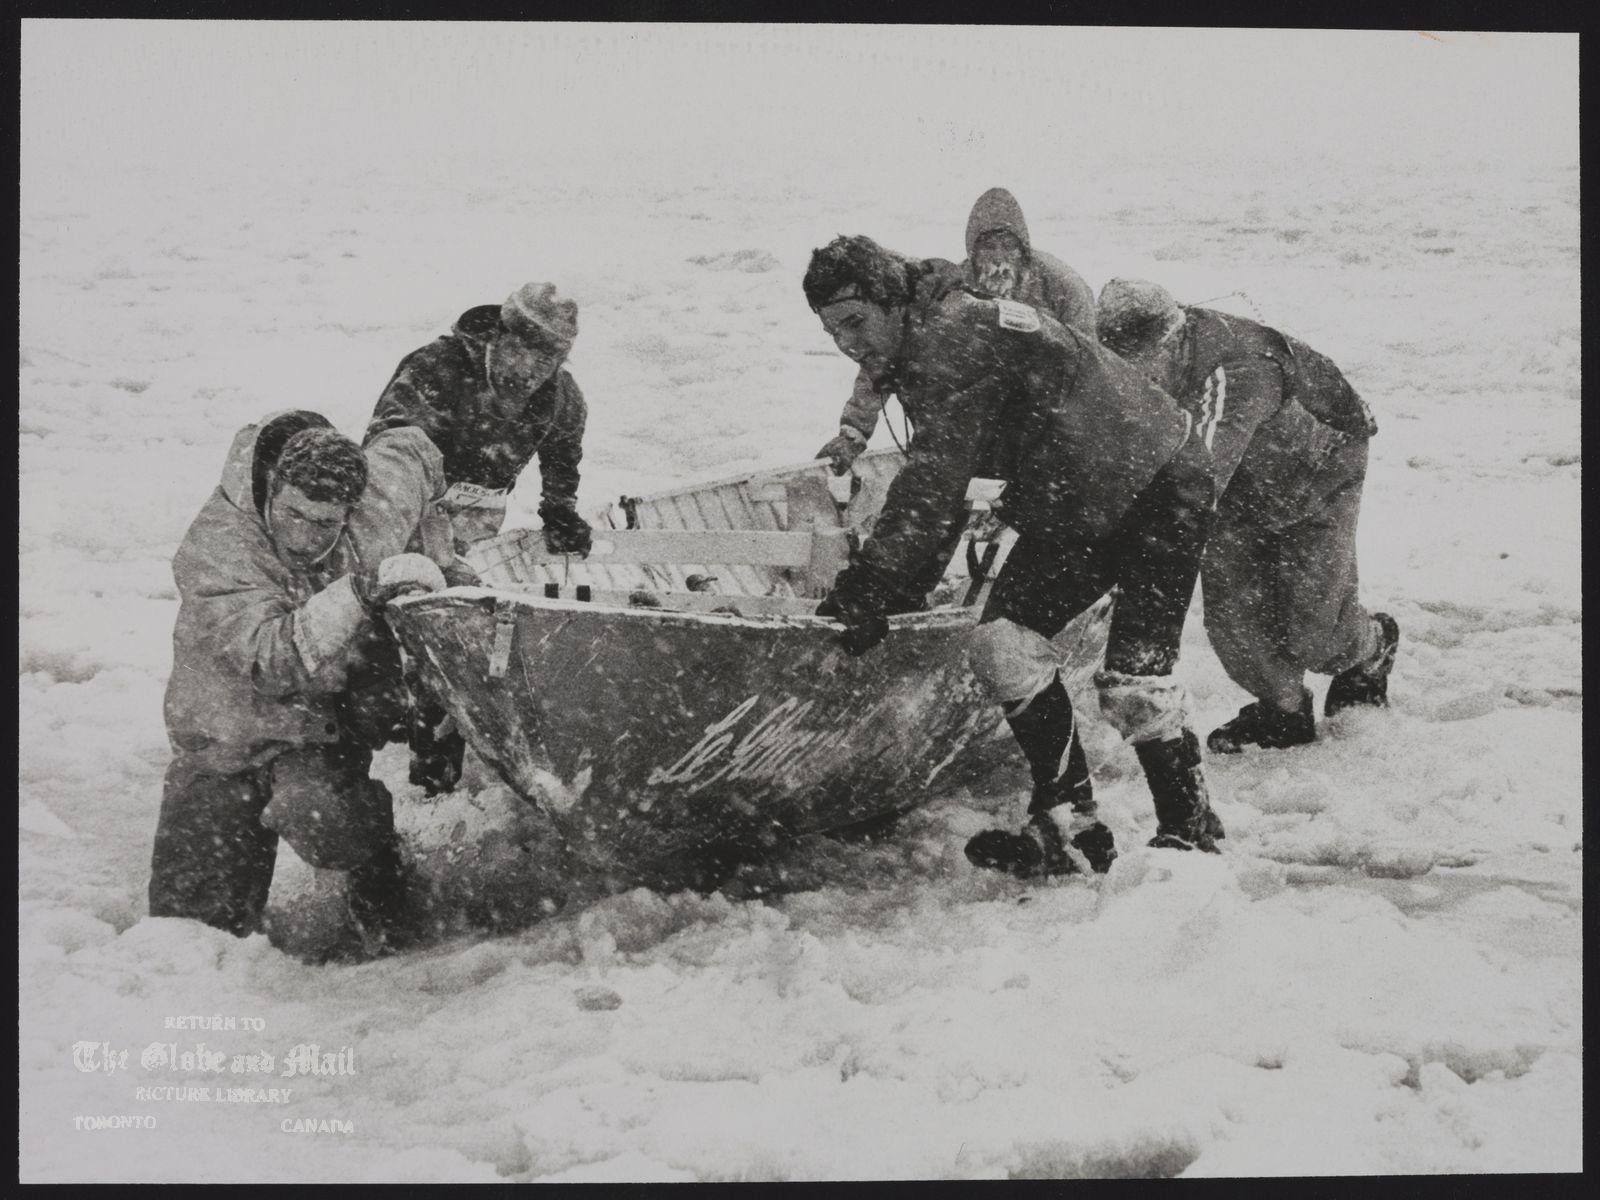 ICE CANOES